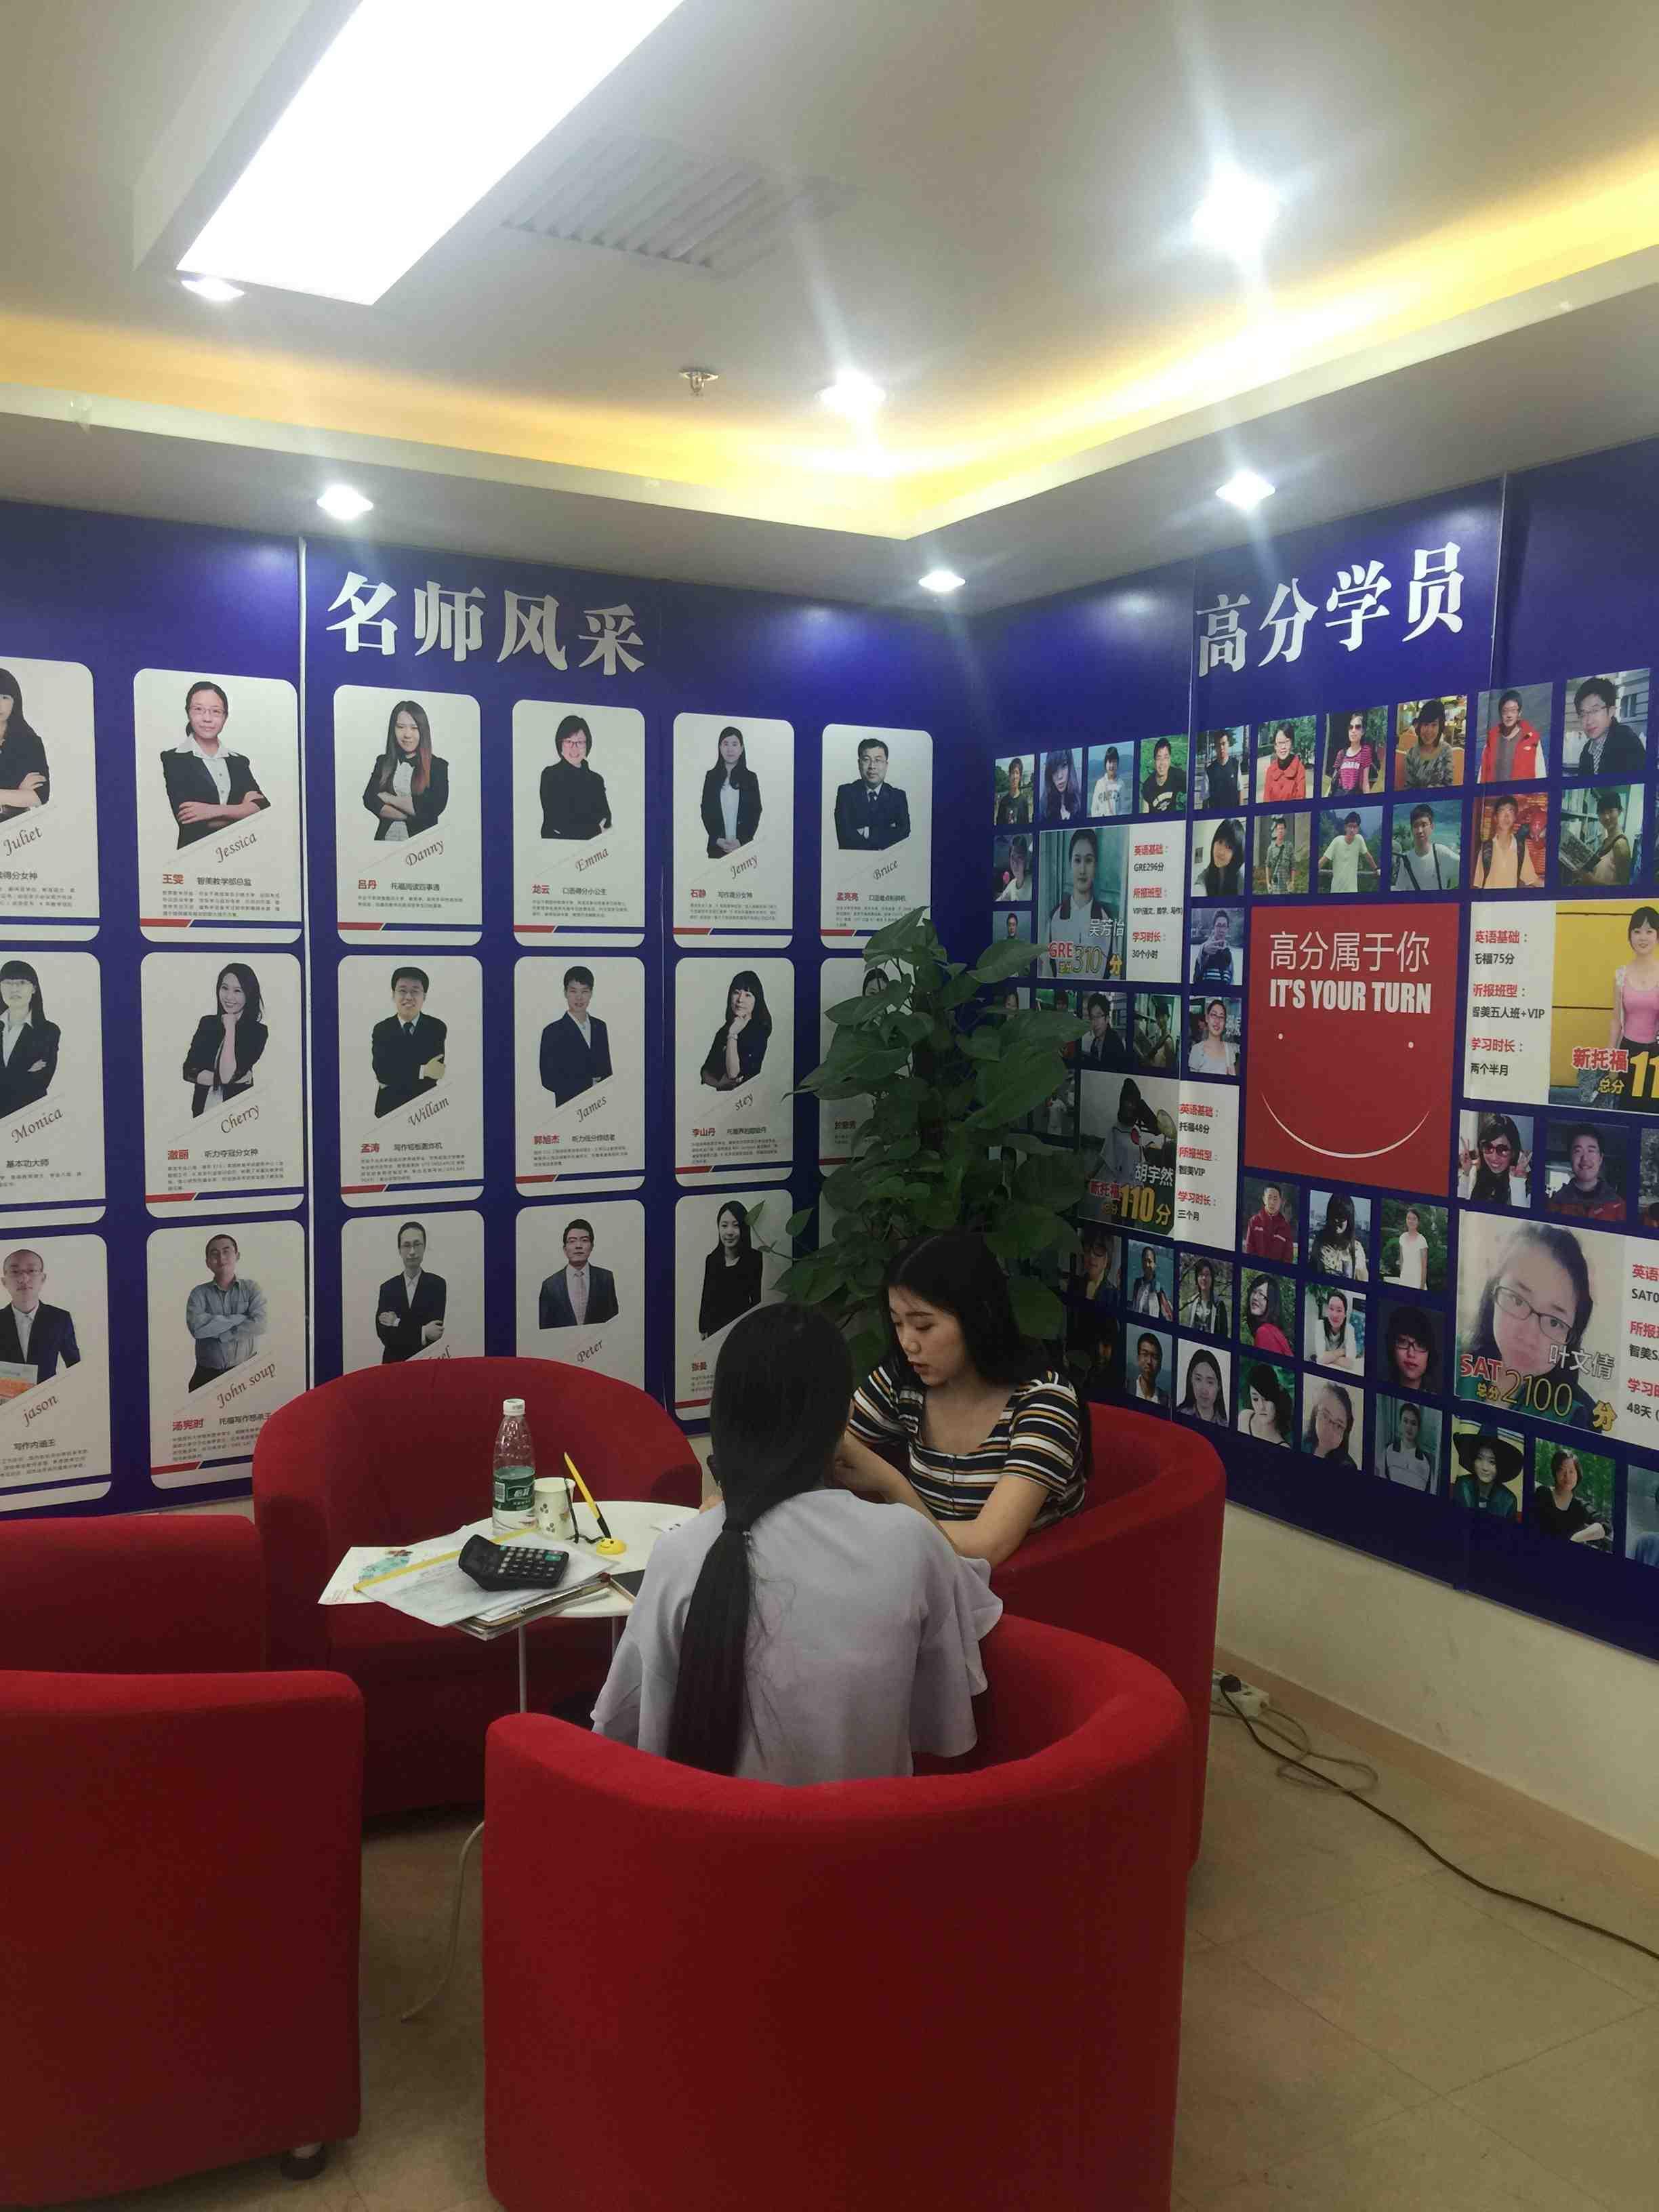 北京朗阁雅思培训学校 照片墙